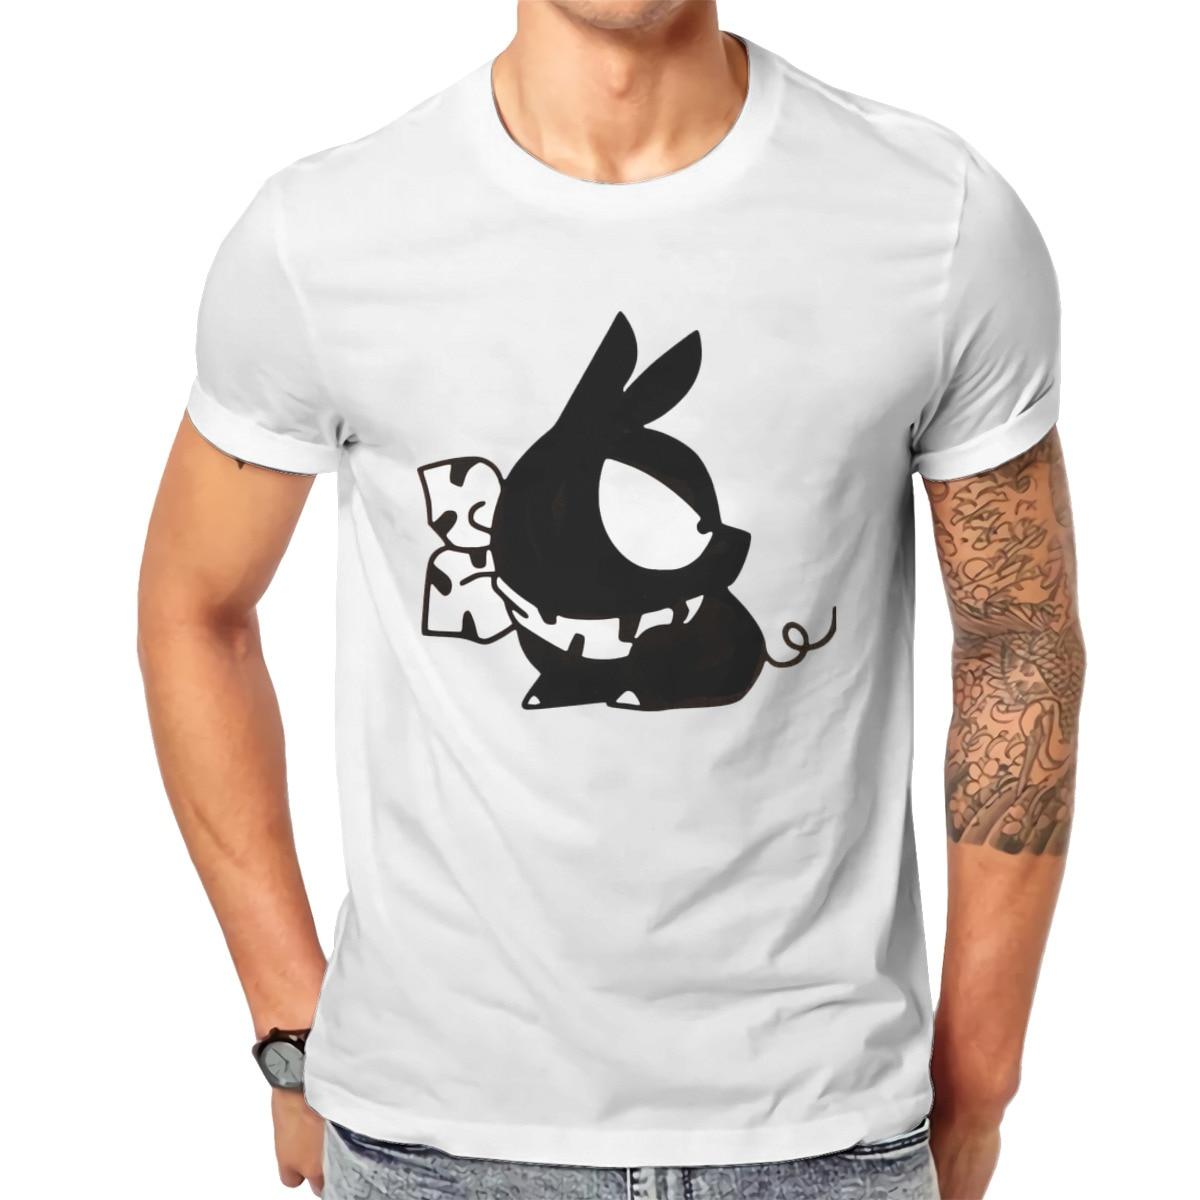 חולצה לגברים P-צ 'אן חזיר קאנג' י רנמה 1 2 100% כותנה רנמה T חולצה 6XL מצחיק בתוספת גודל בגדים